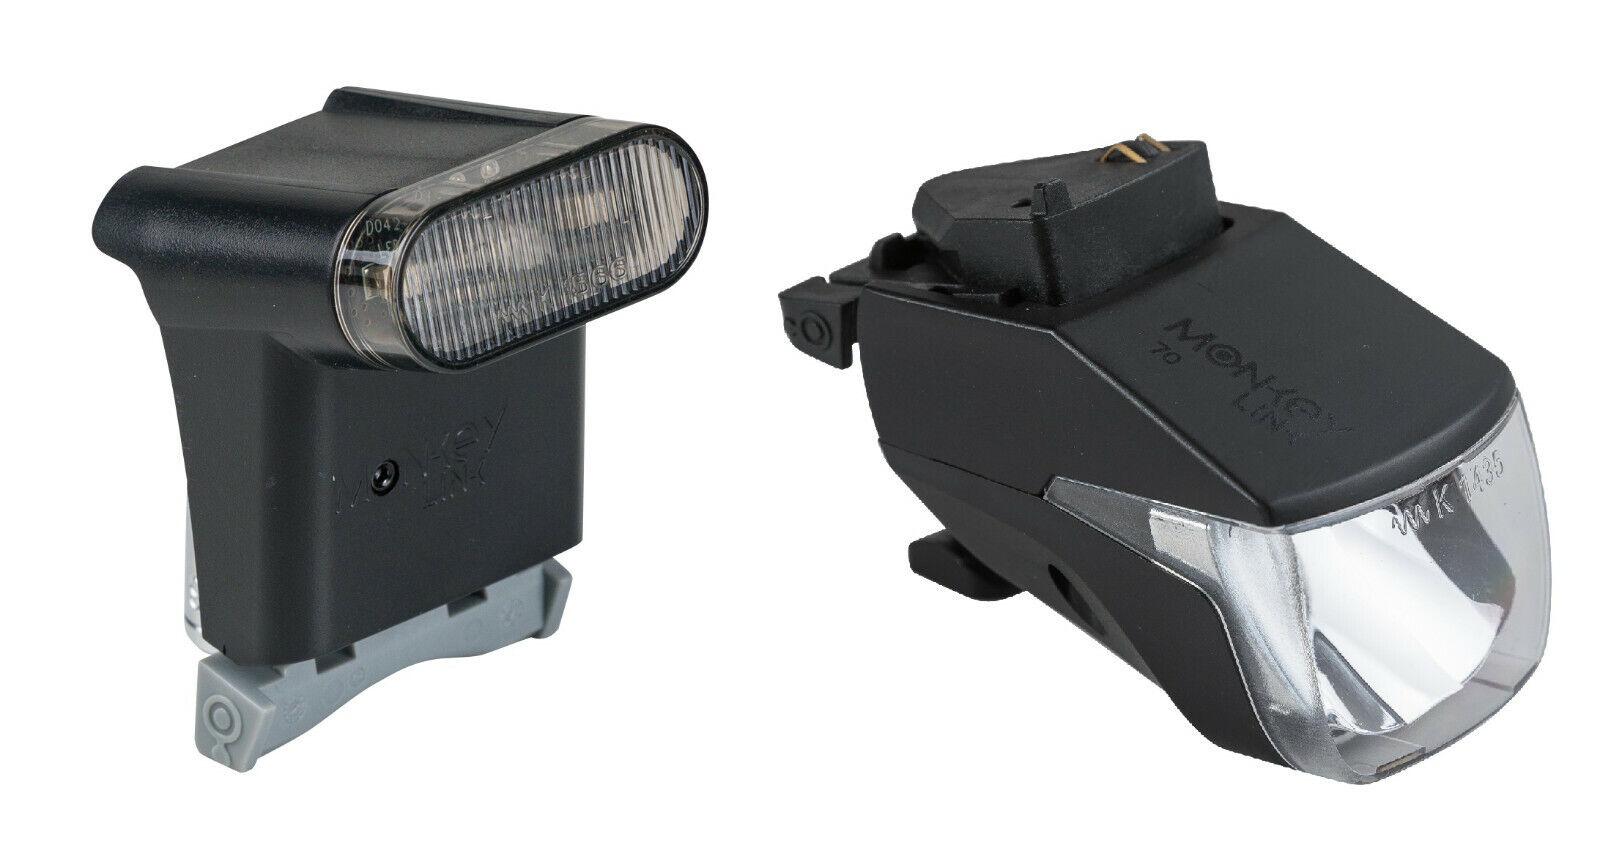 Scimmia Link Luce 50 Lux Cs Set modellolo 2019 Anche per Piccola Telaio Adatto